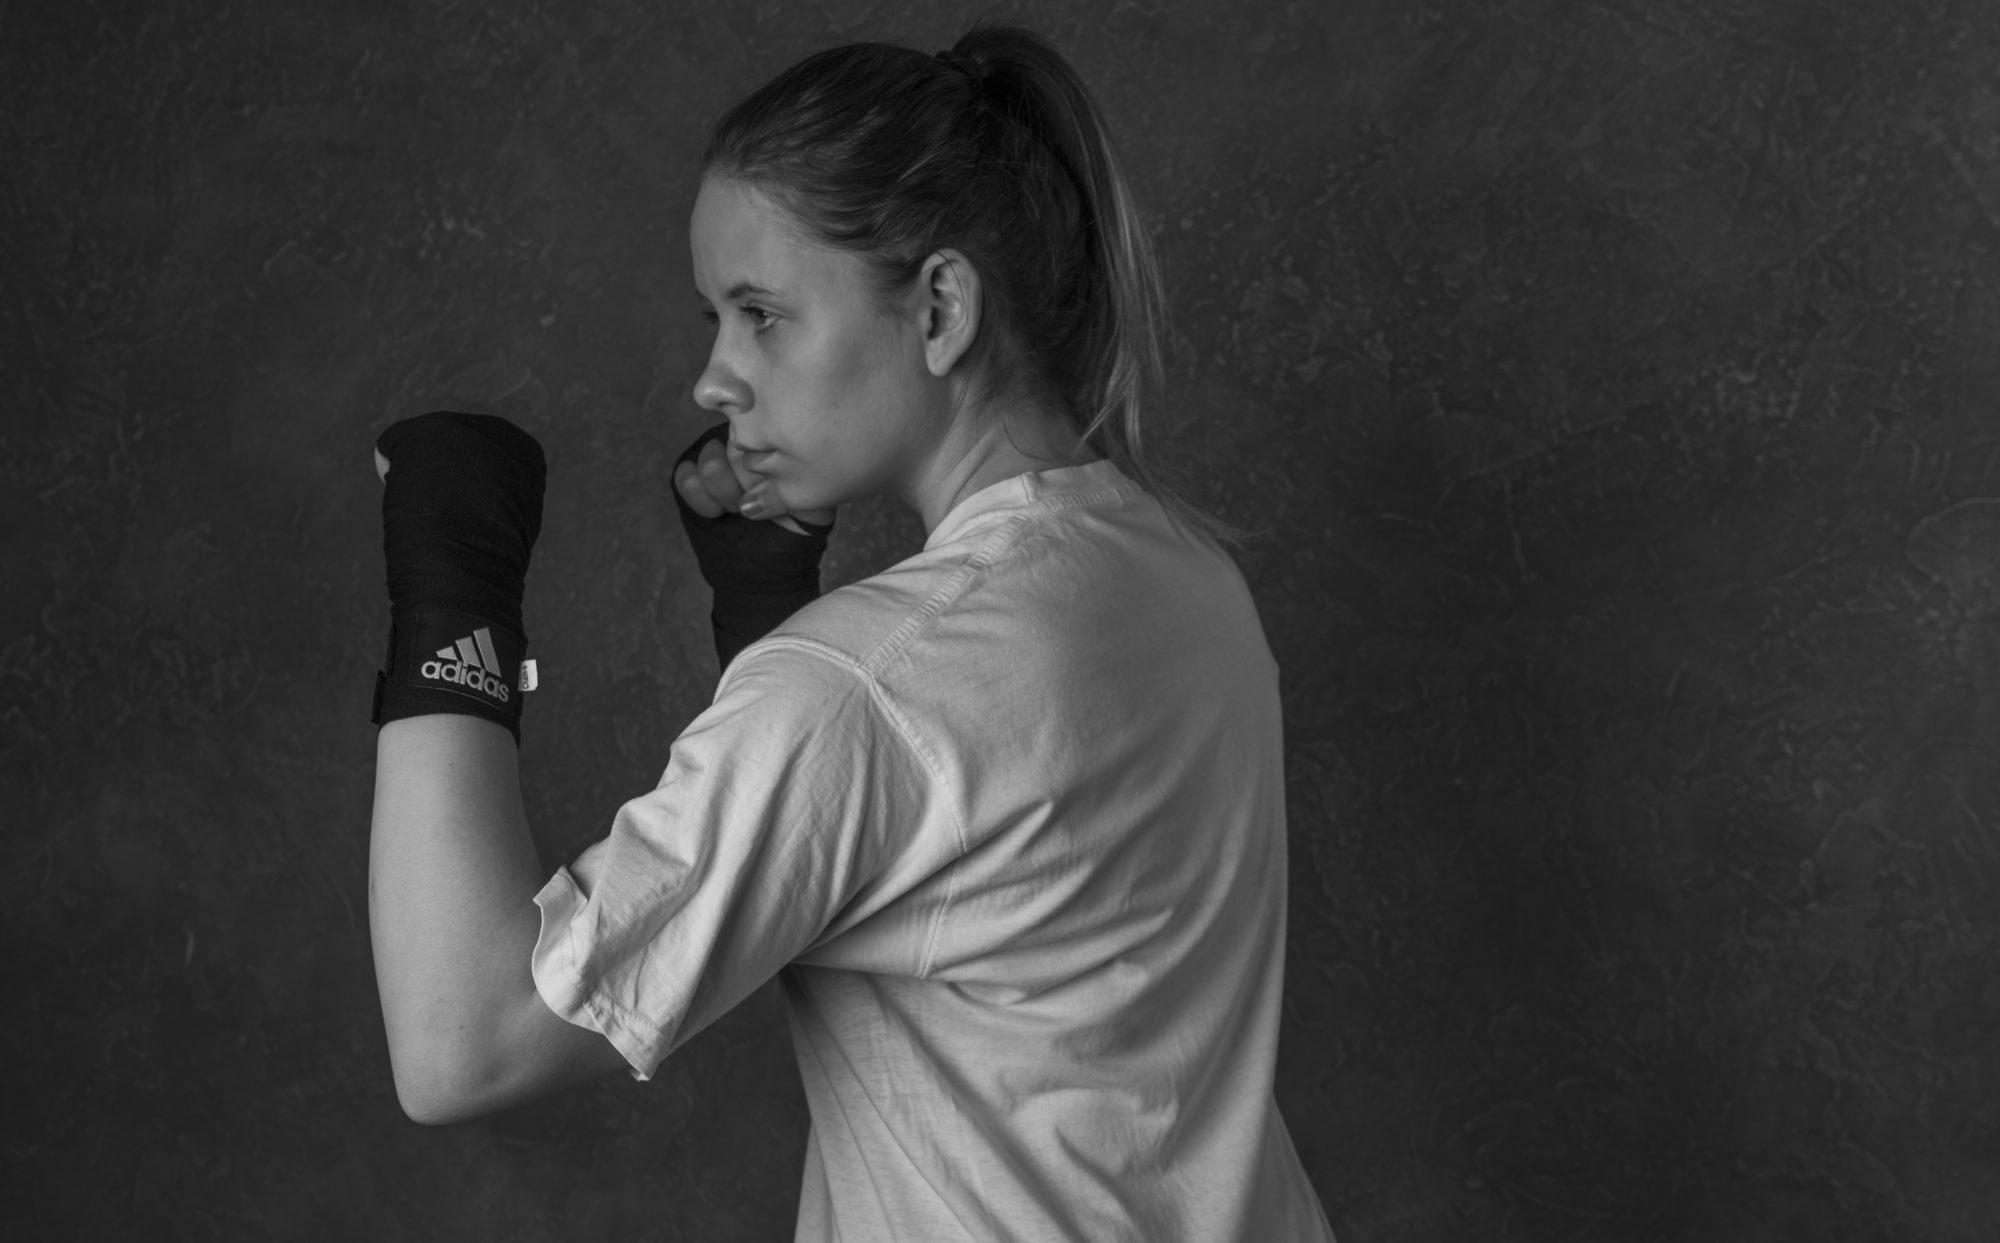 курсы женской самообороны